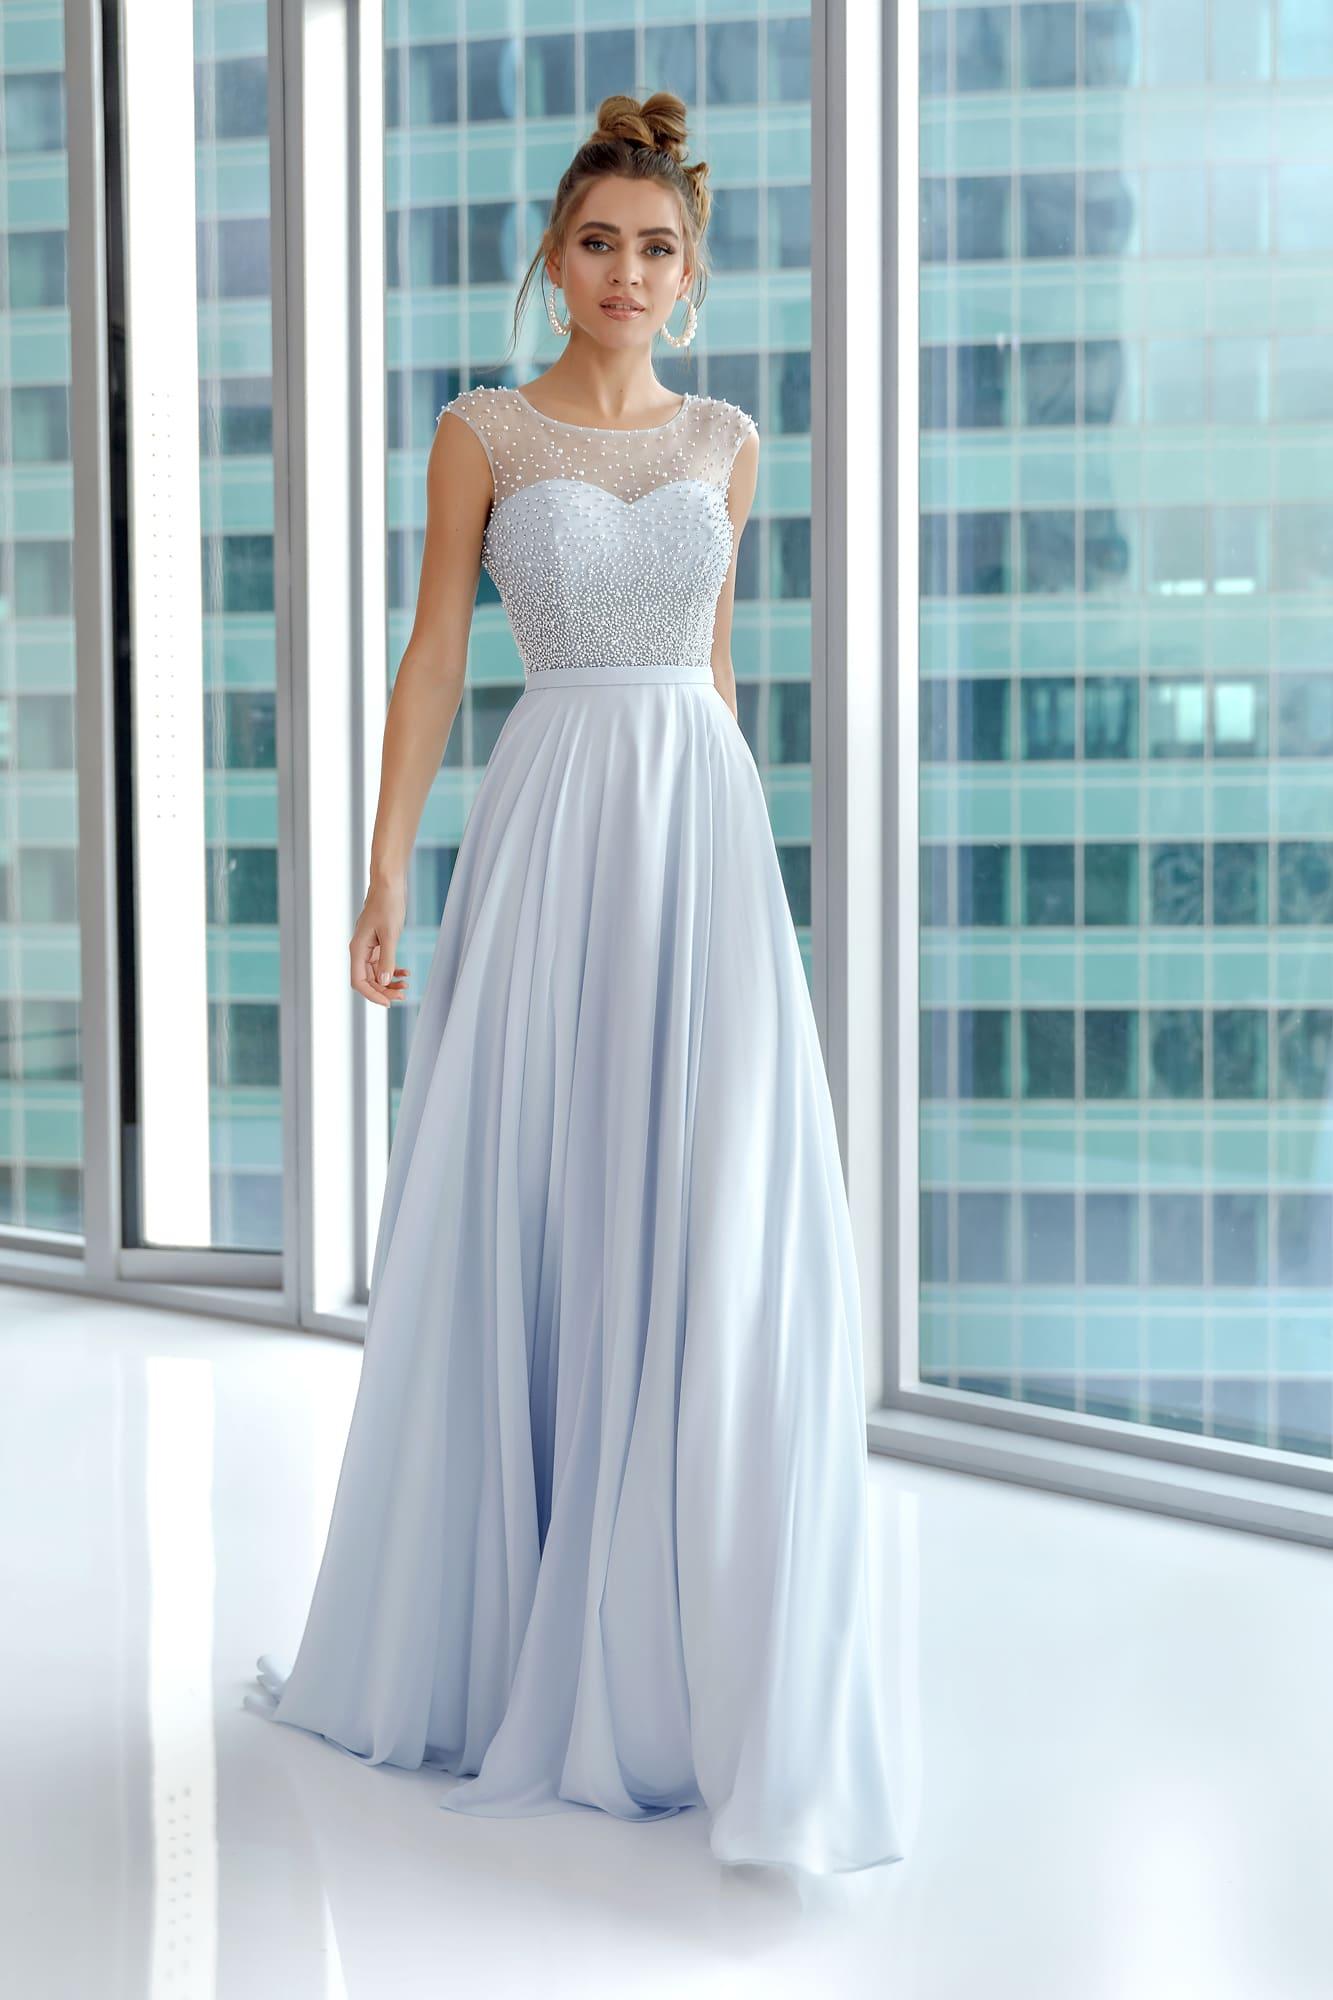 ceb637759d6 Вечернее платье Nora Naviano 32405B sky blue. Купить вечернее платье в  салоне Валенсия (Москва)